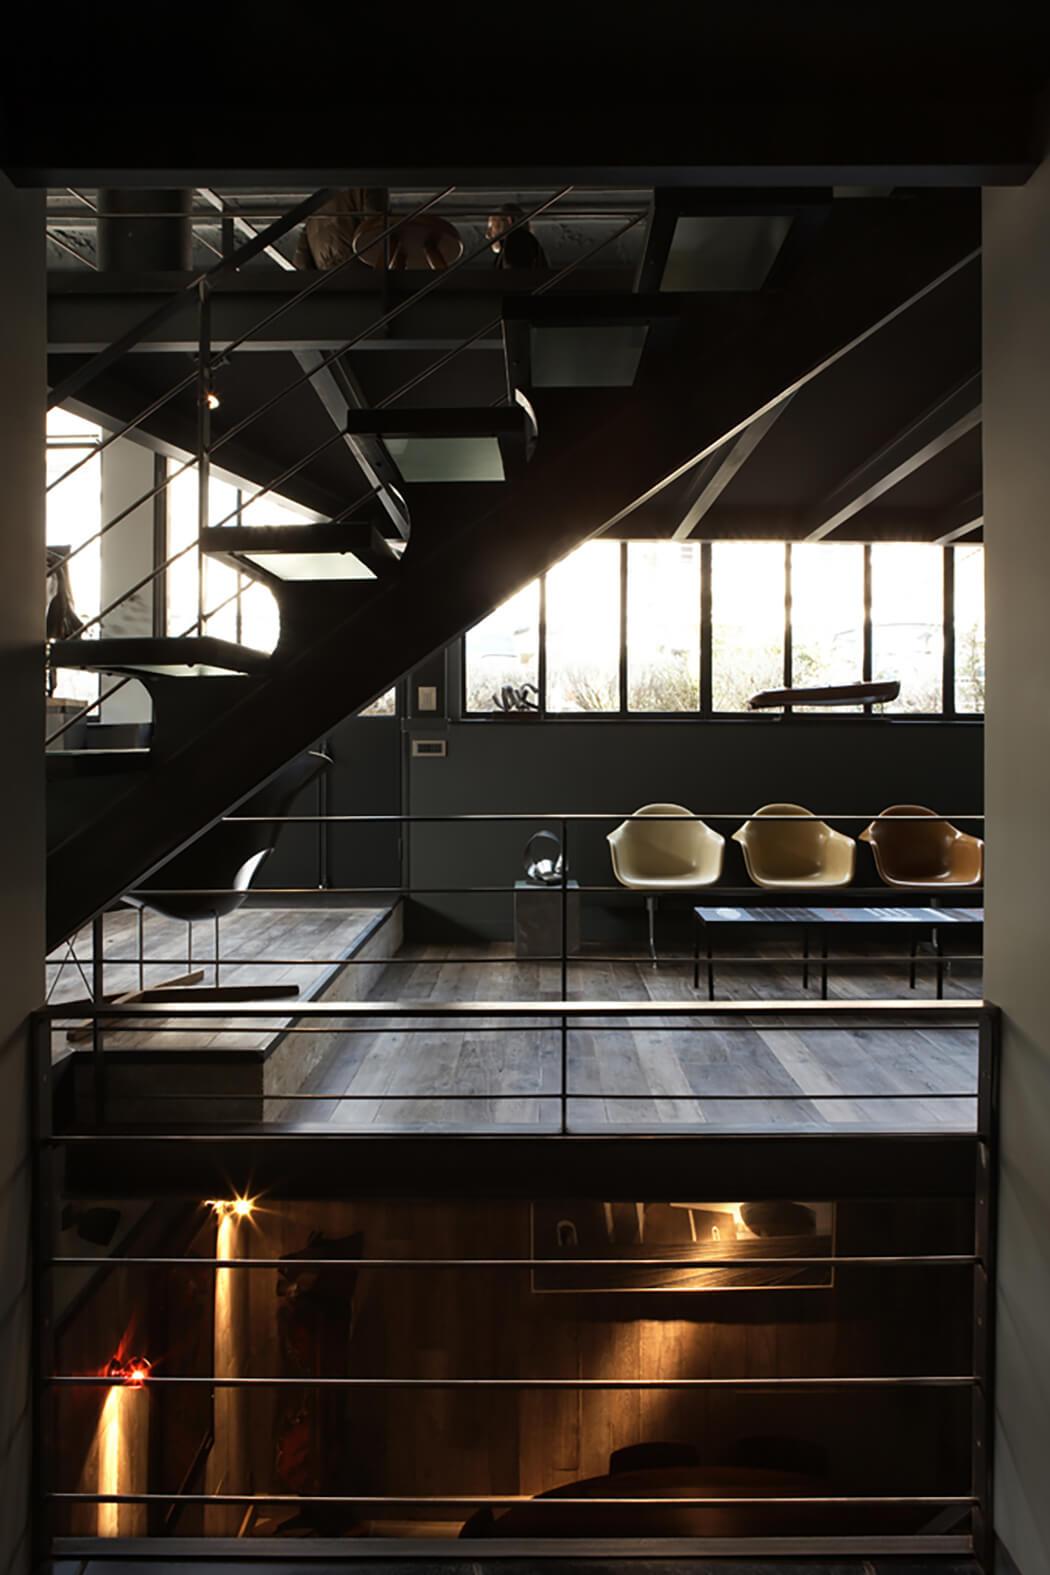 installation d'un escalier et de garde-corps métalliques pour créer l'ambiance loft